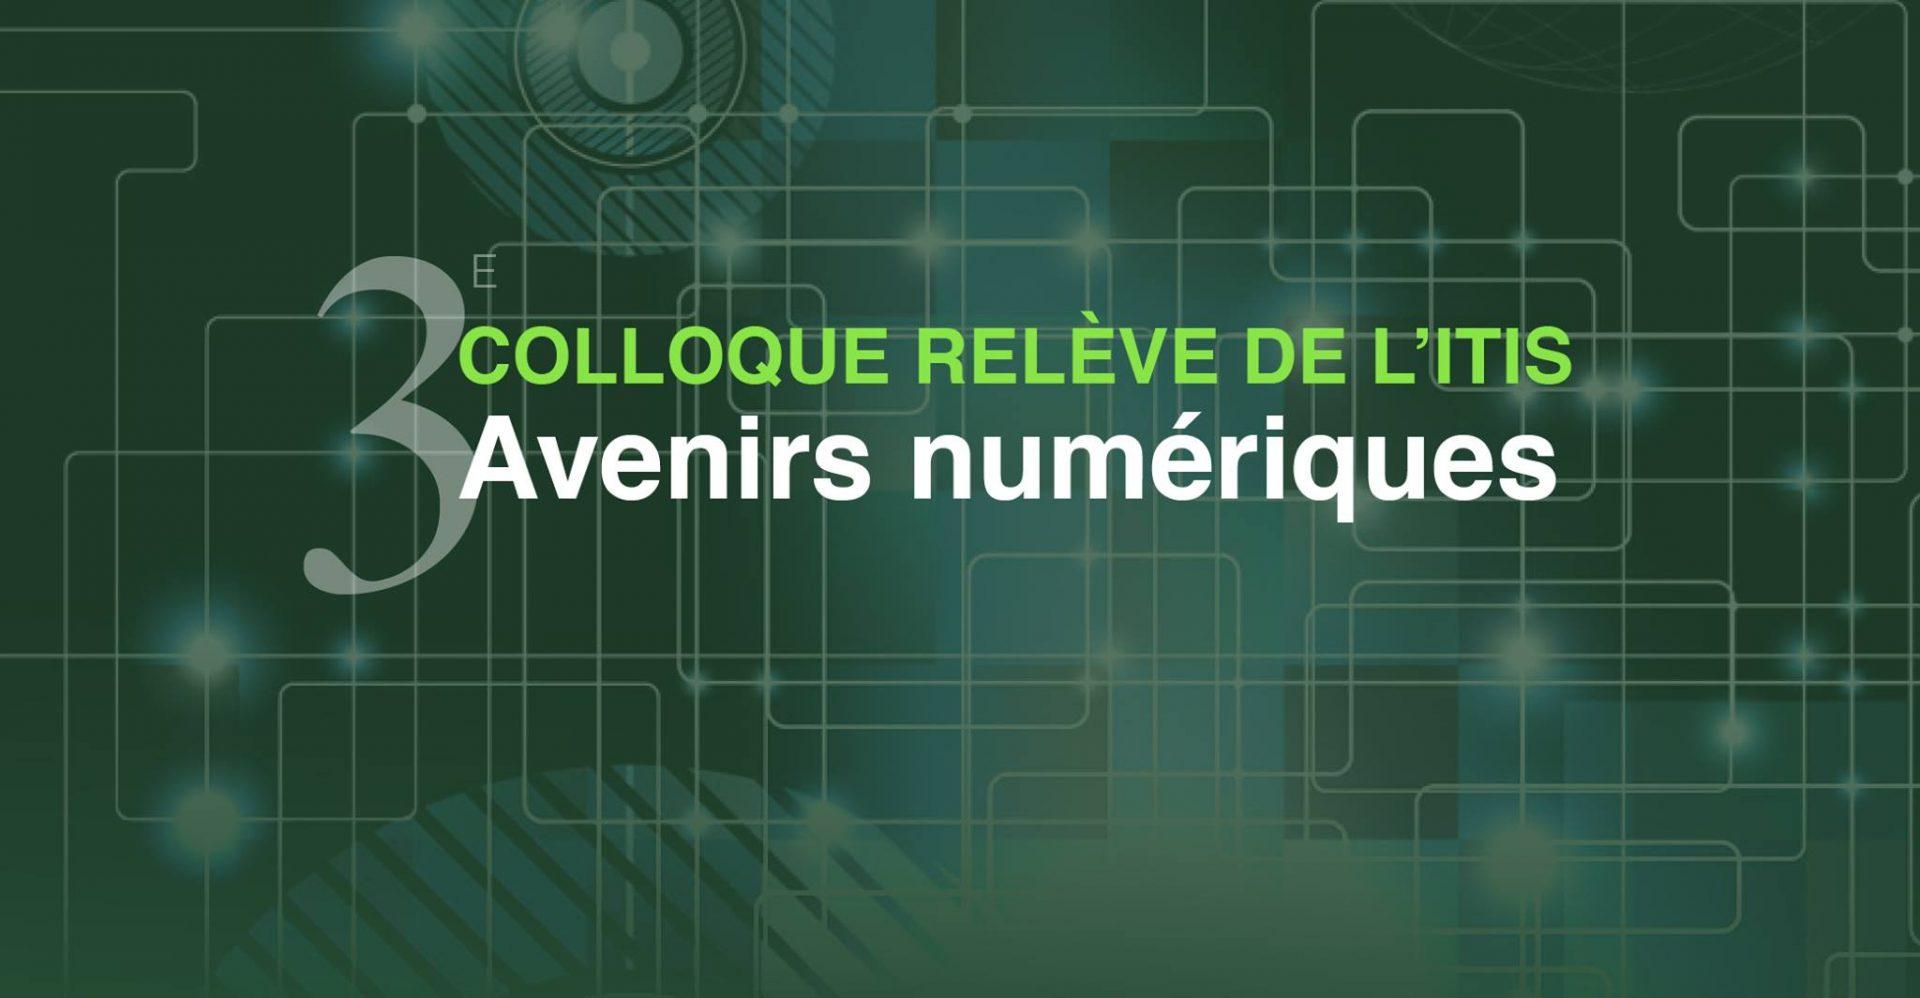 AQT 3ème colloque relève de l'ITIS avenirs numeriques